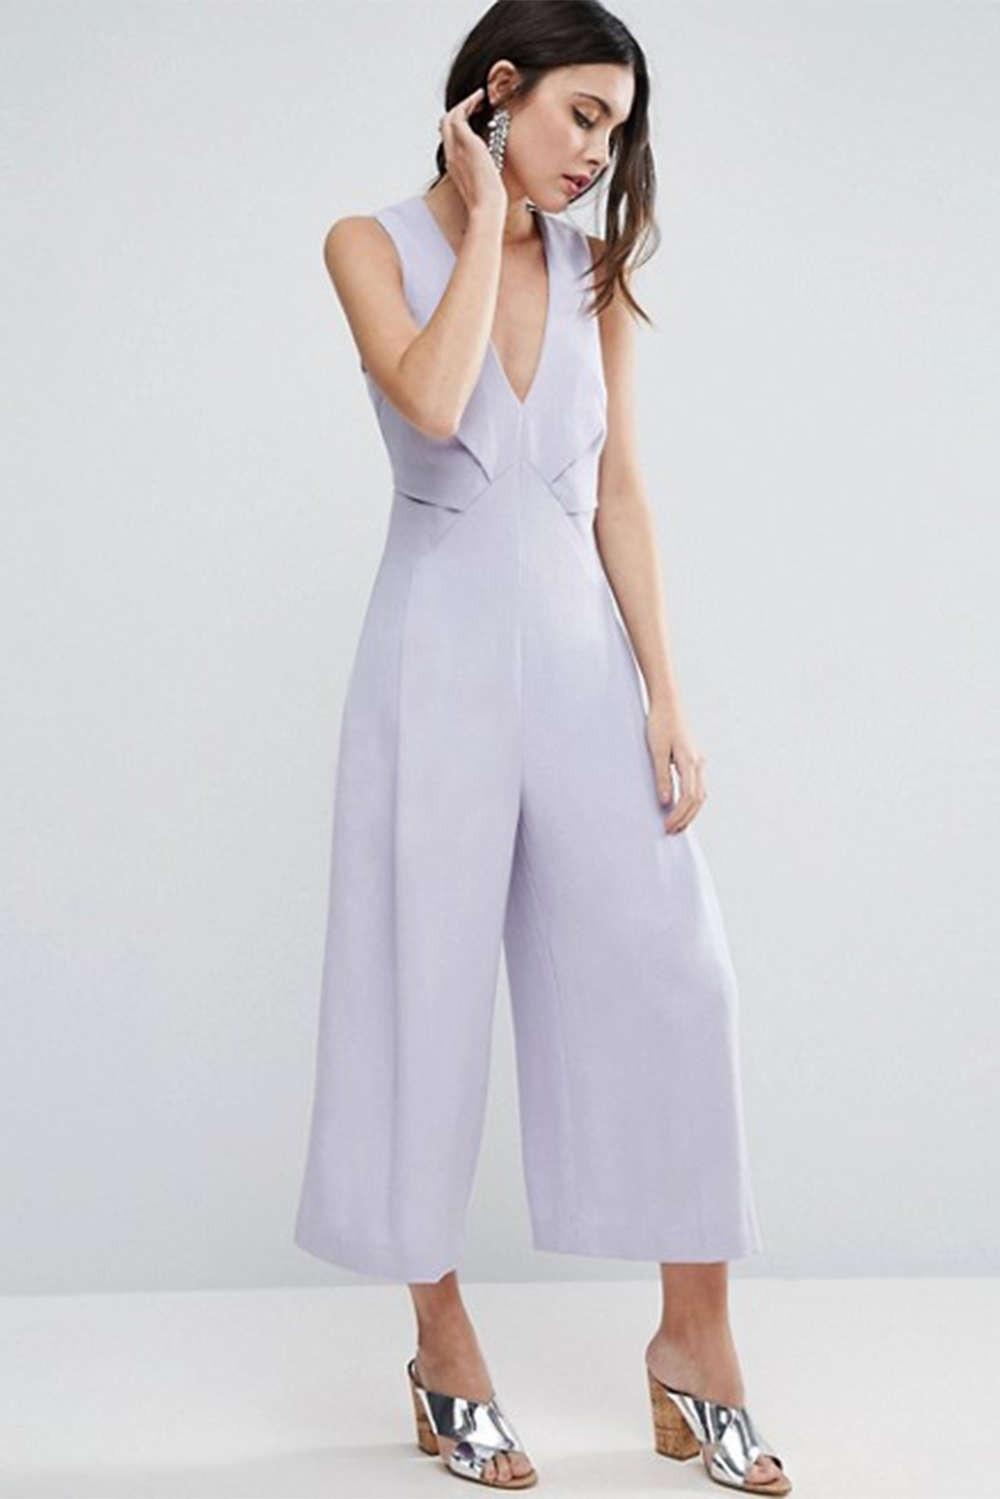 Designer Luxurius Schicke Kleider Für Eine Hochzeit Bester Preis13 Einfach Schicke Kleider Für Eine Hochzeit für 2019